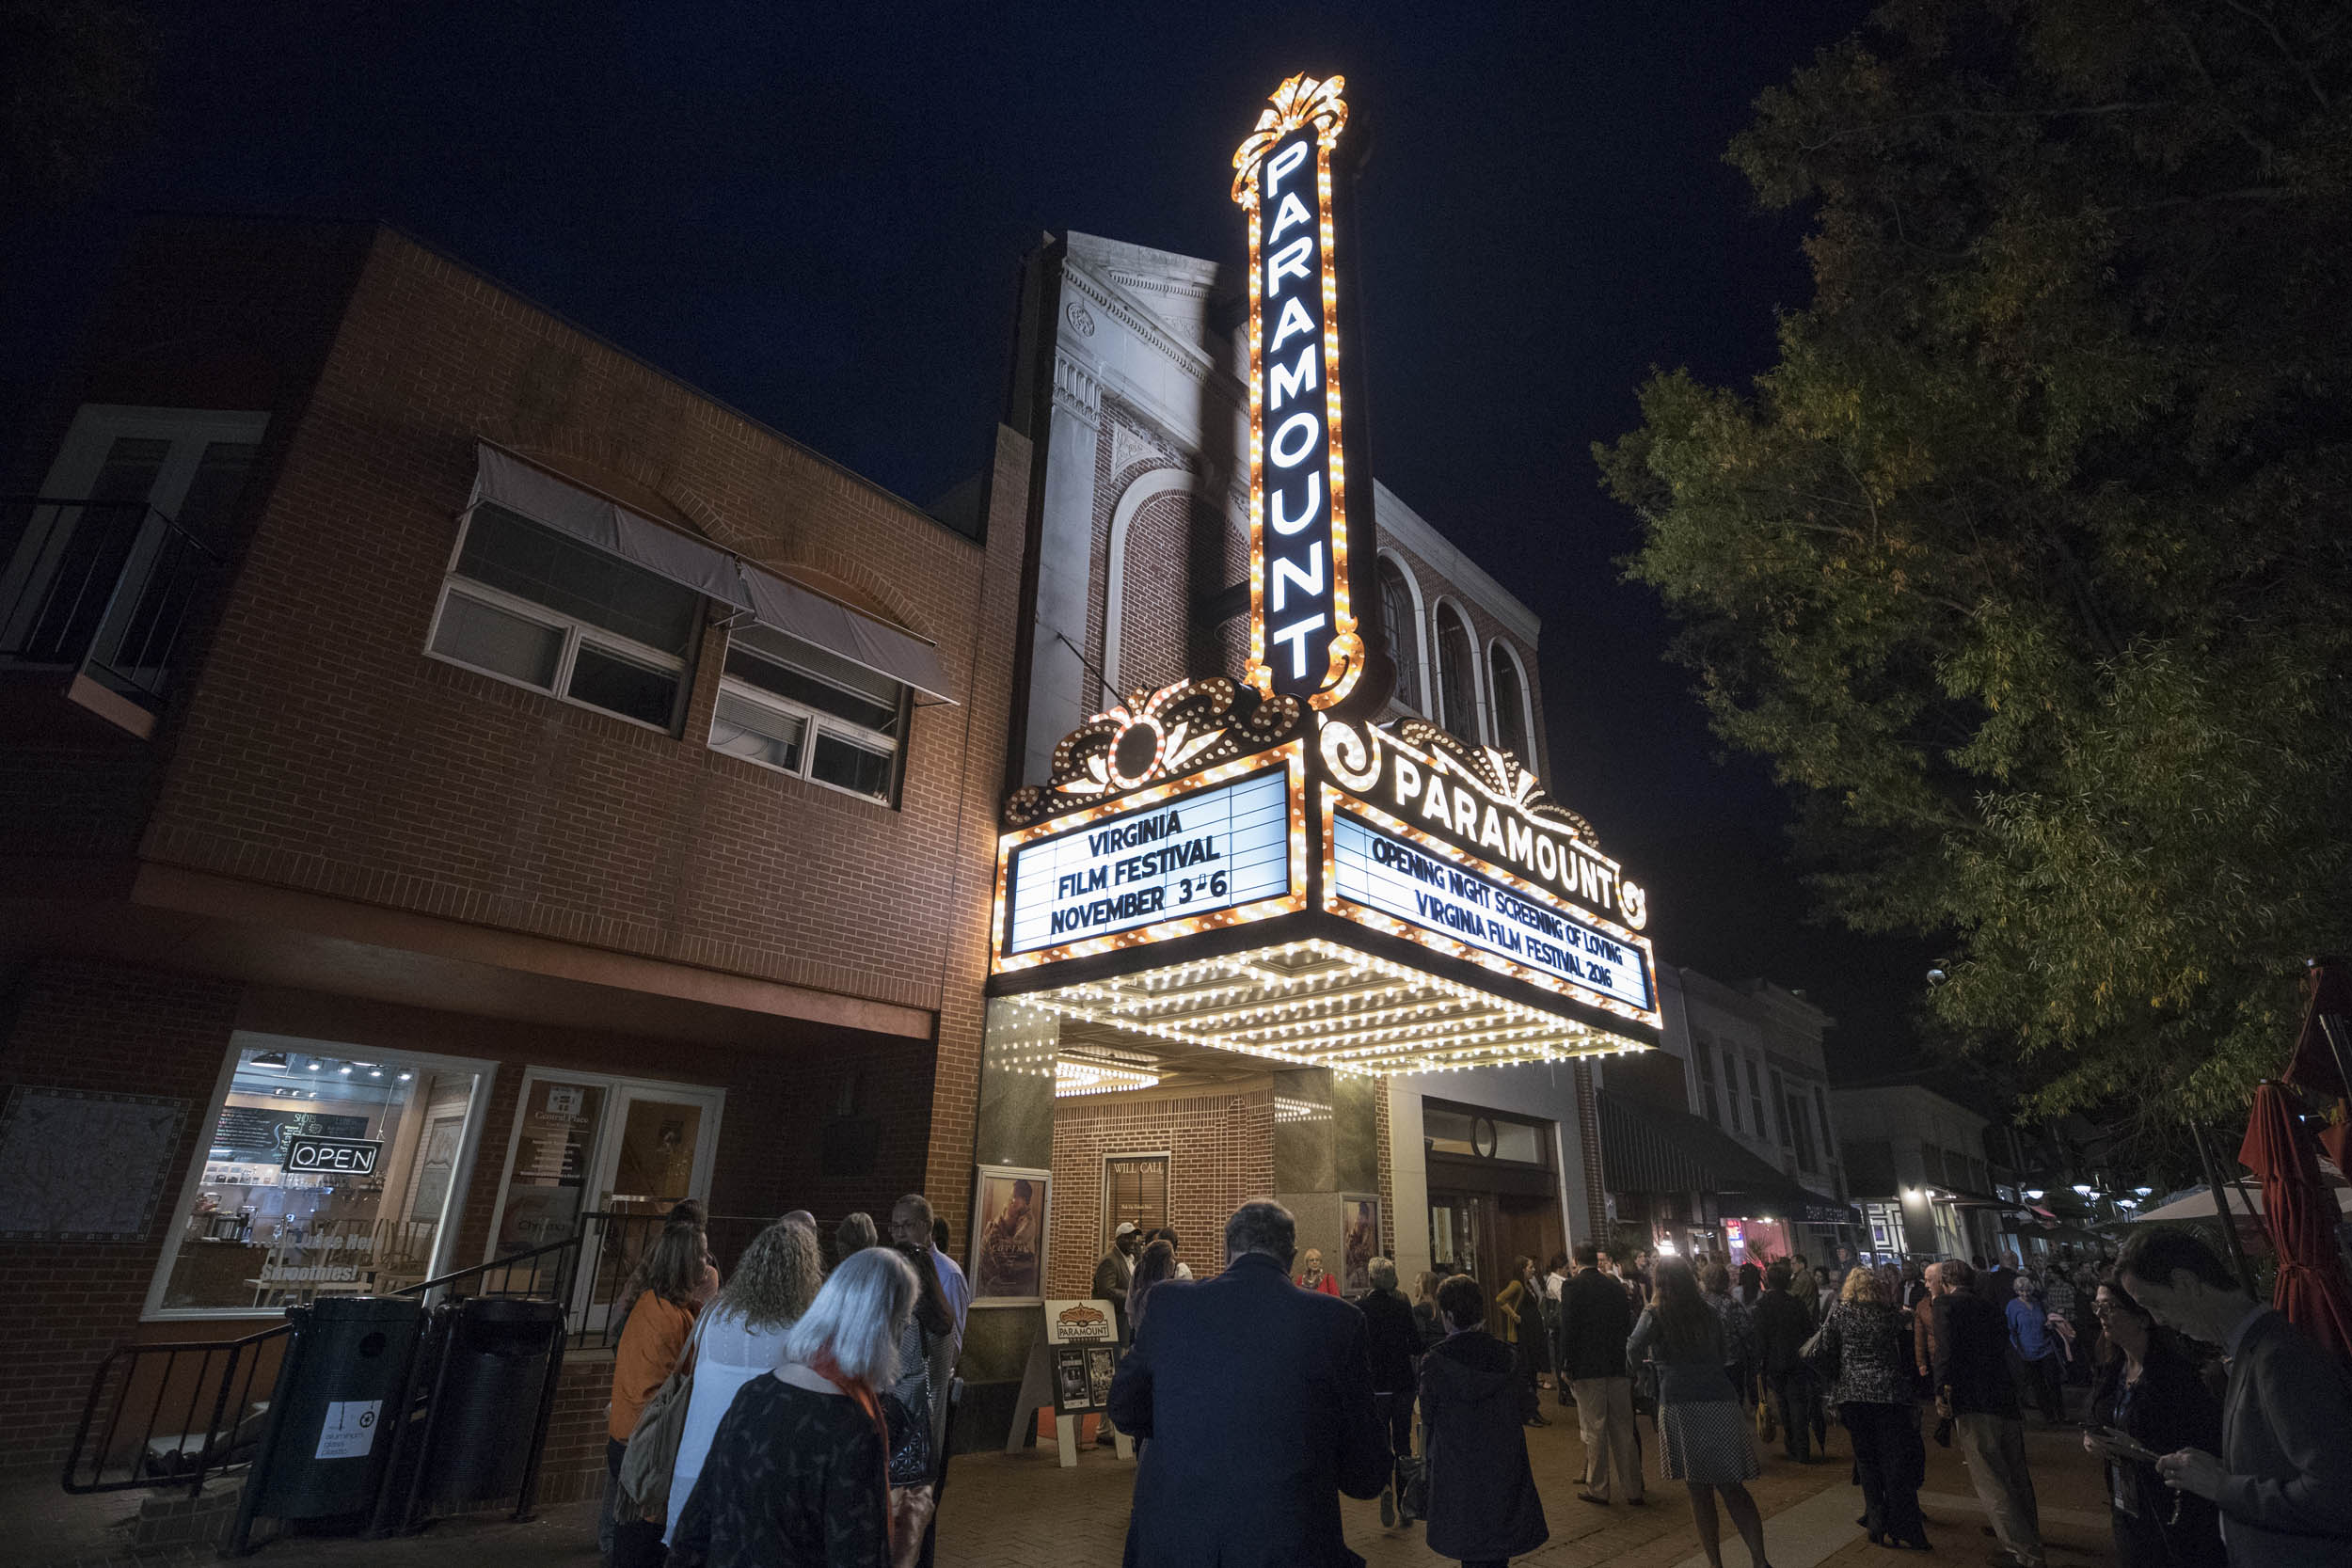 The Virginia Film Festival opened Thursday night.